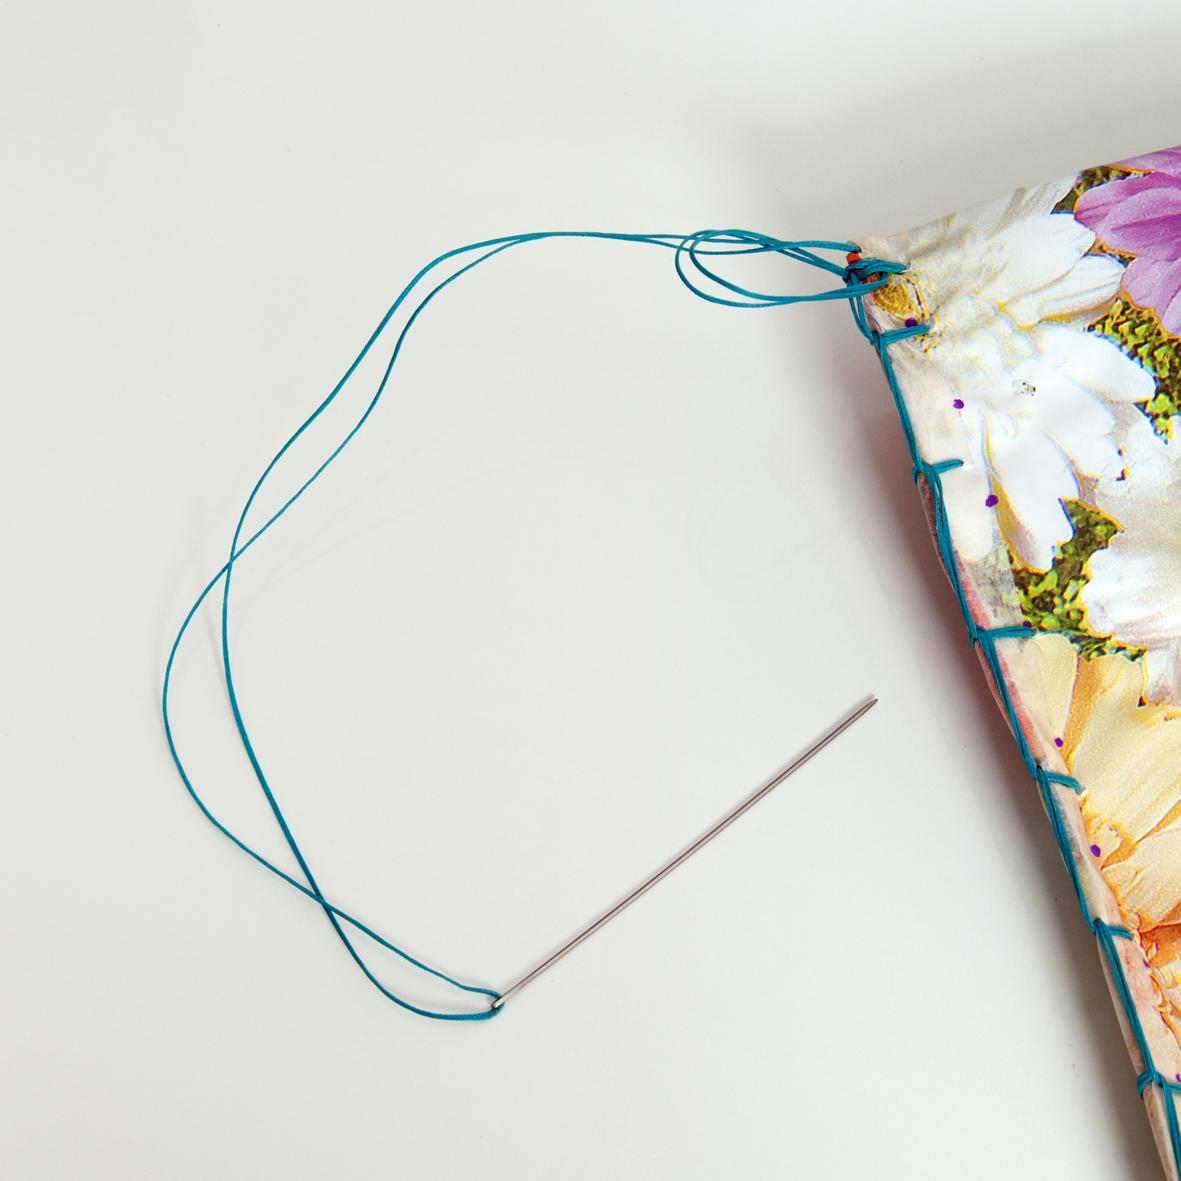 13 | Δέσε διπλά το σπάγγο στην άκρη της τσάντας